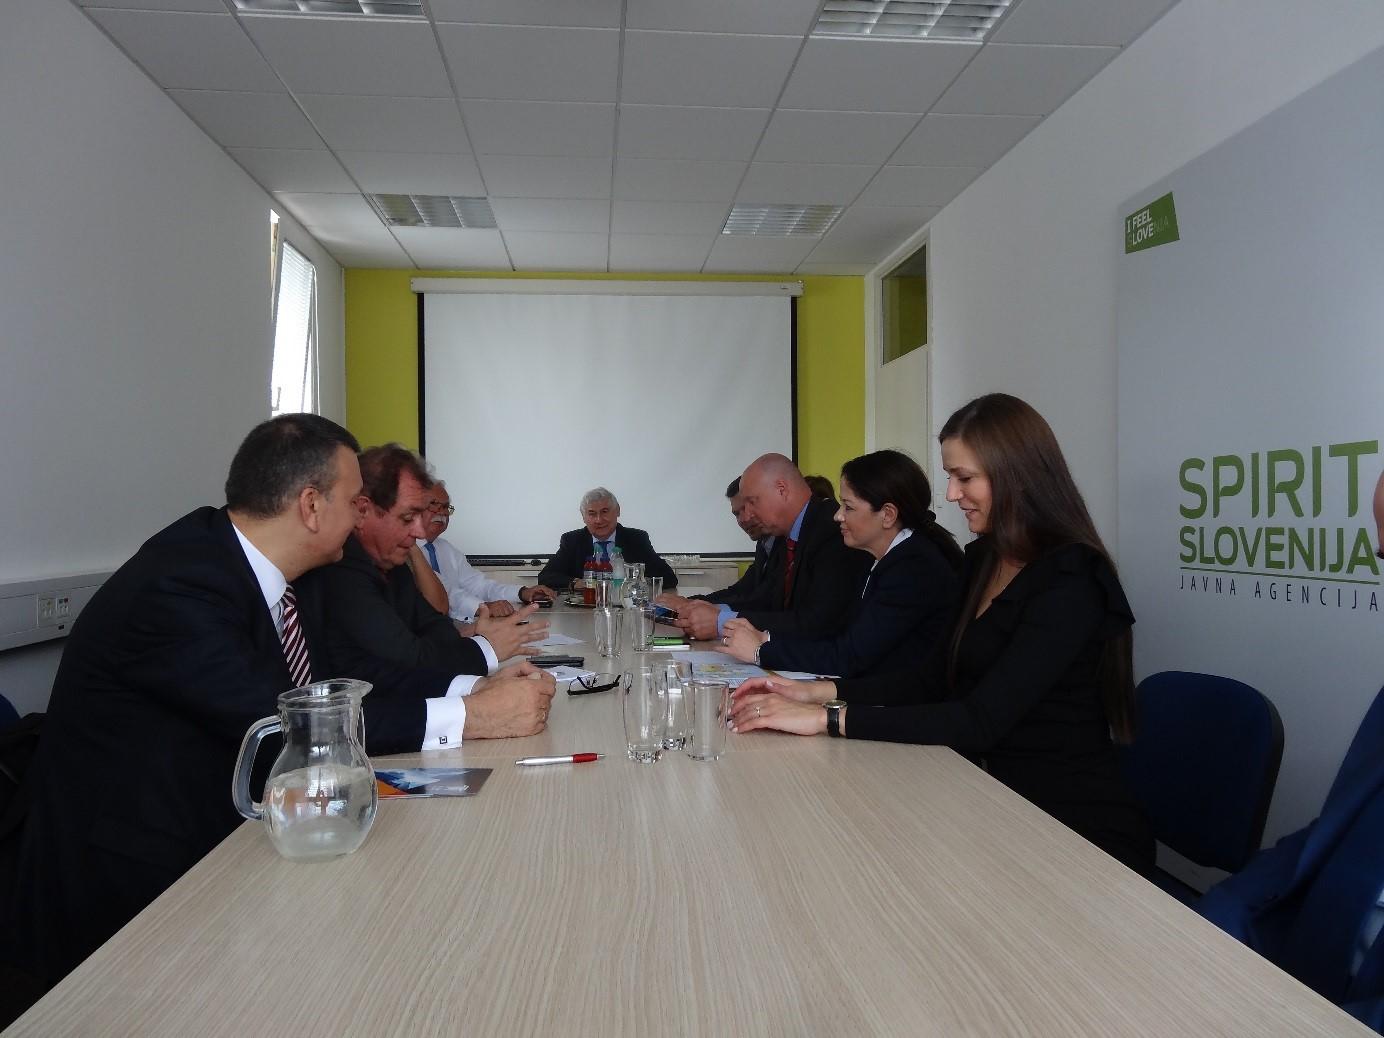 Na sestanku se je izkazalo, da obstaja veliko možnosti za krepitev medsebojnih gospodarskih vezi.